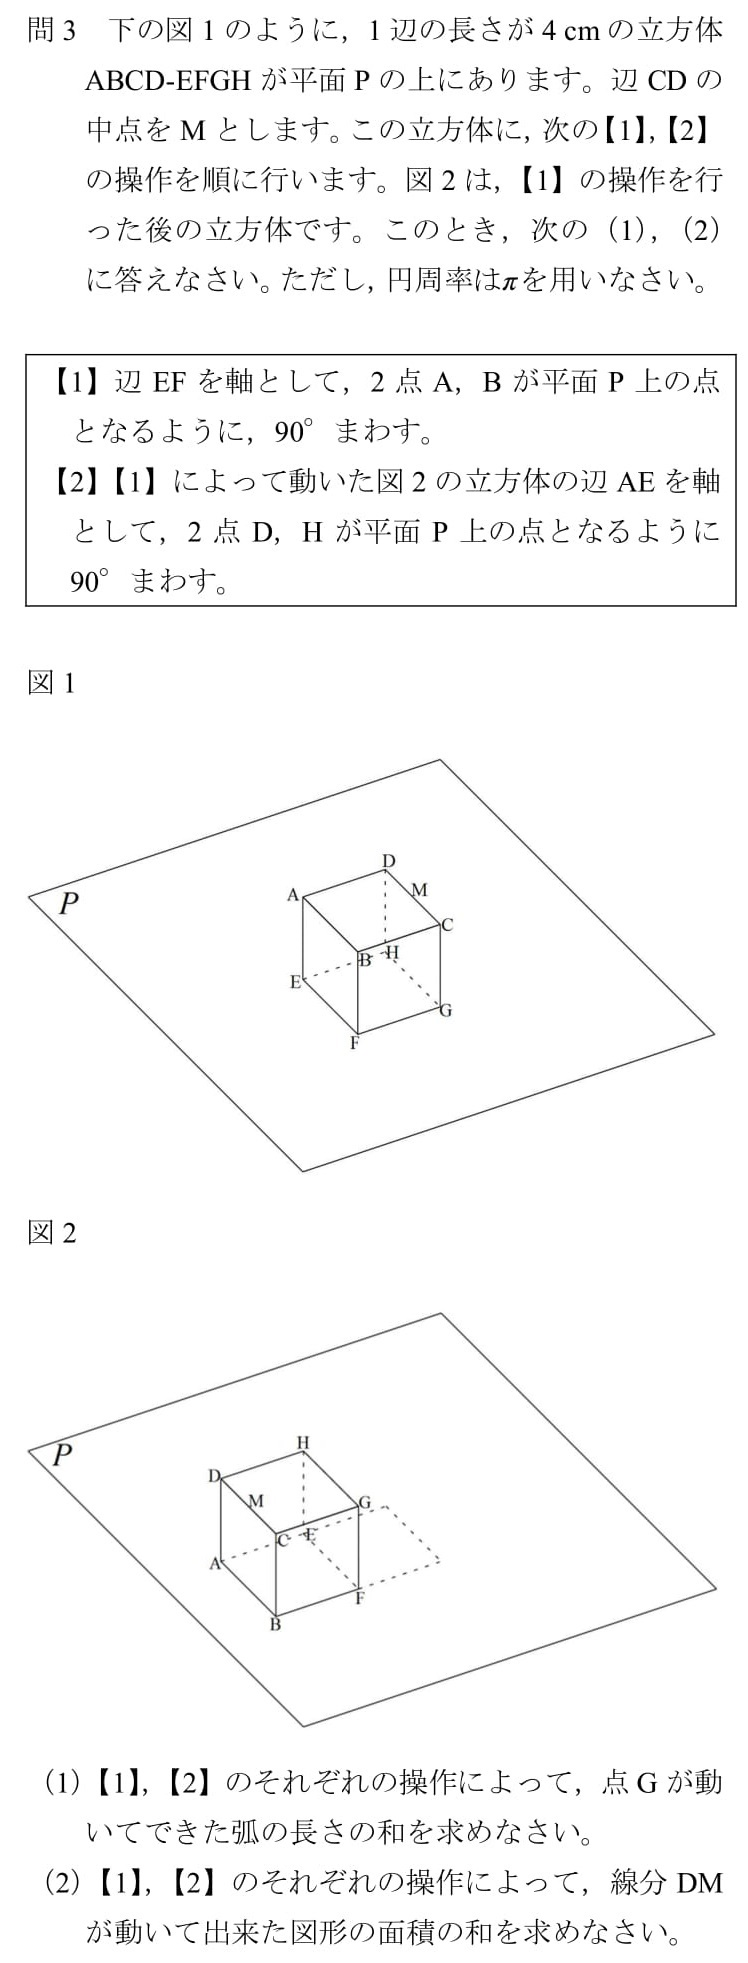 2010 北海道 高校入試 数学 裁量問題 解説 難問